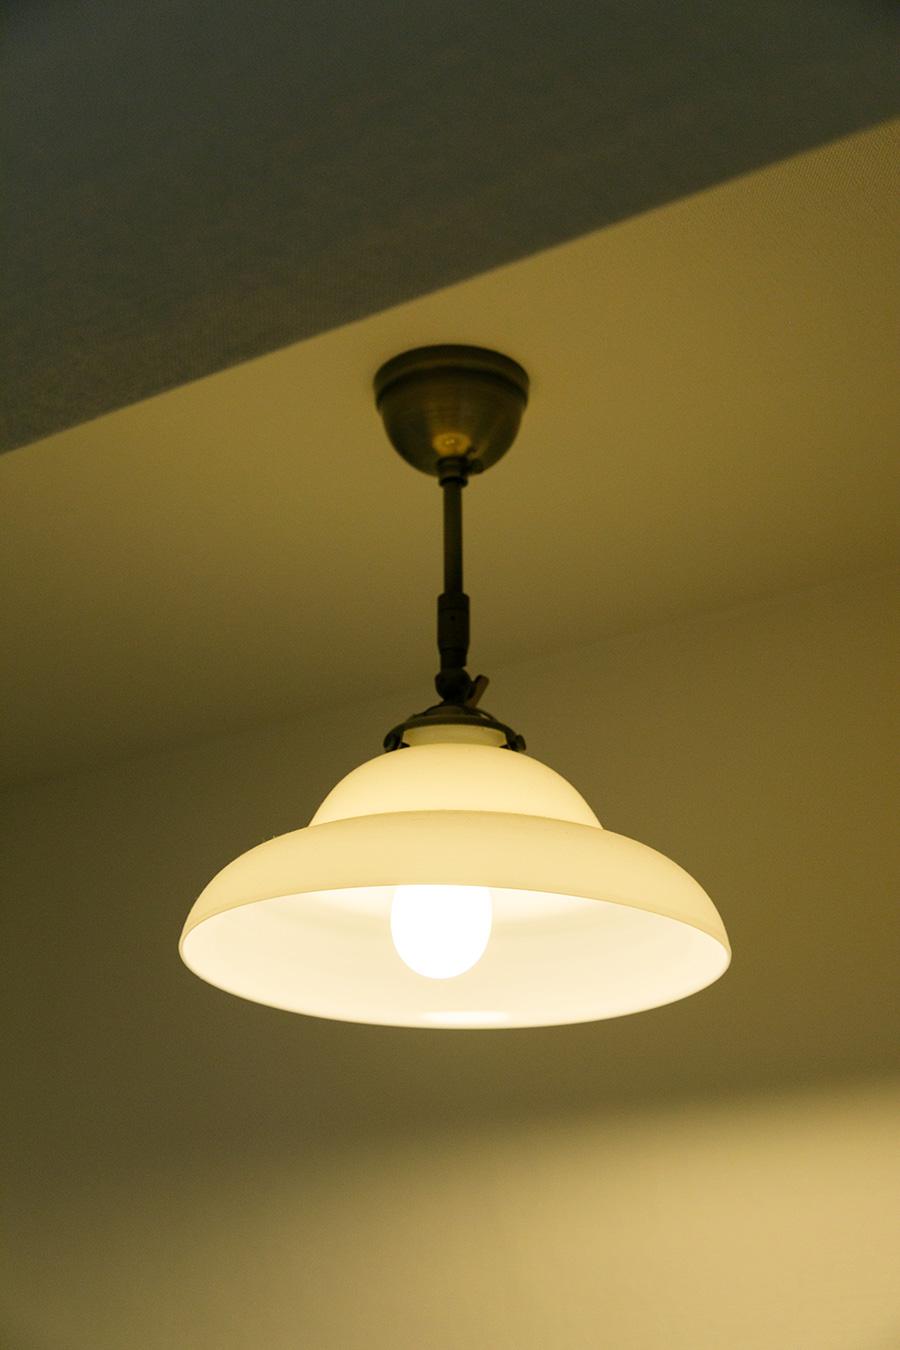 柔らかな光が魅力的な玄関のランプシェード。戦前の集合住宅で使われていたものを使っている。